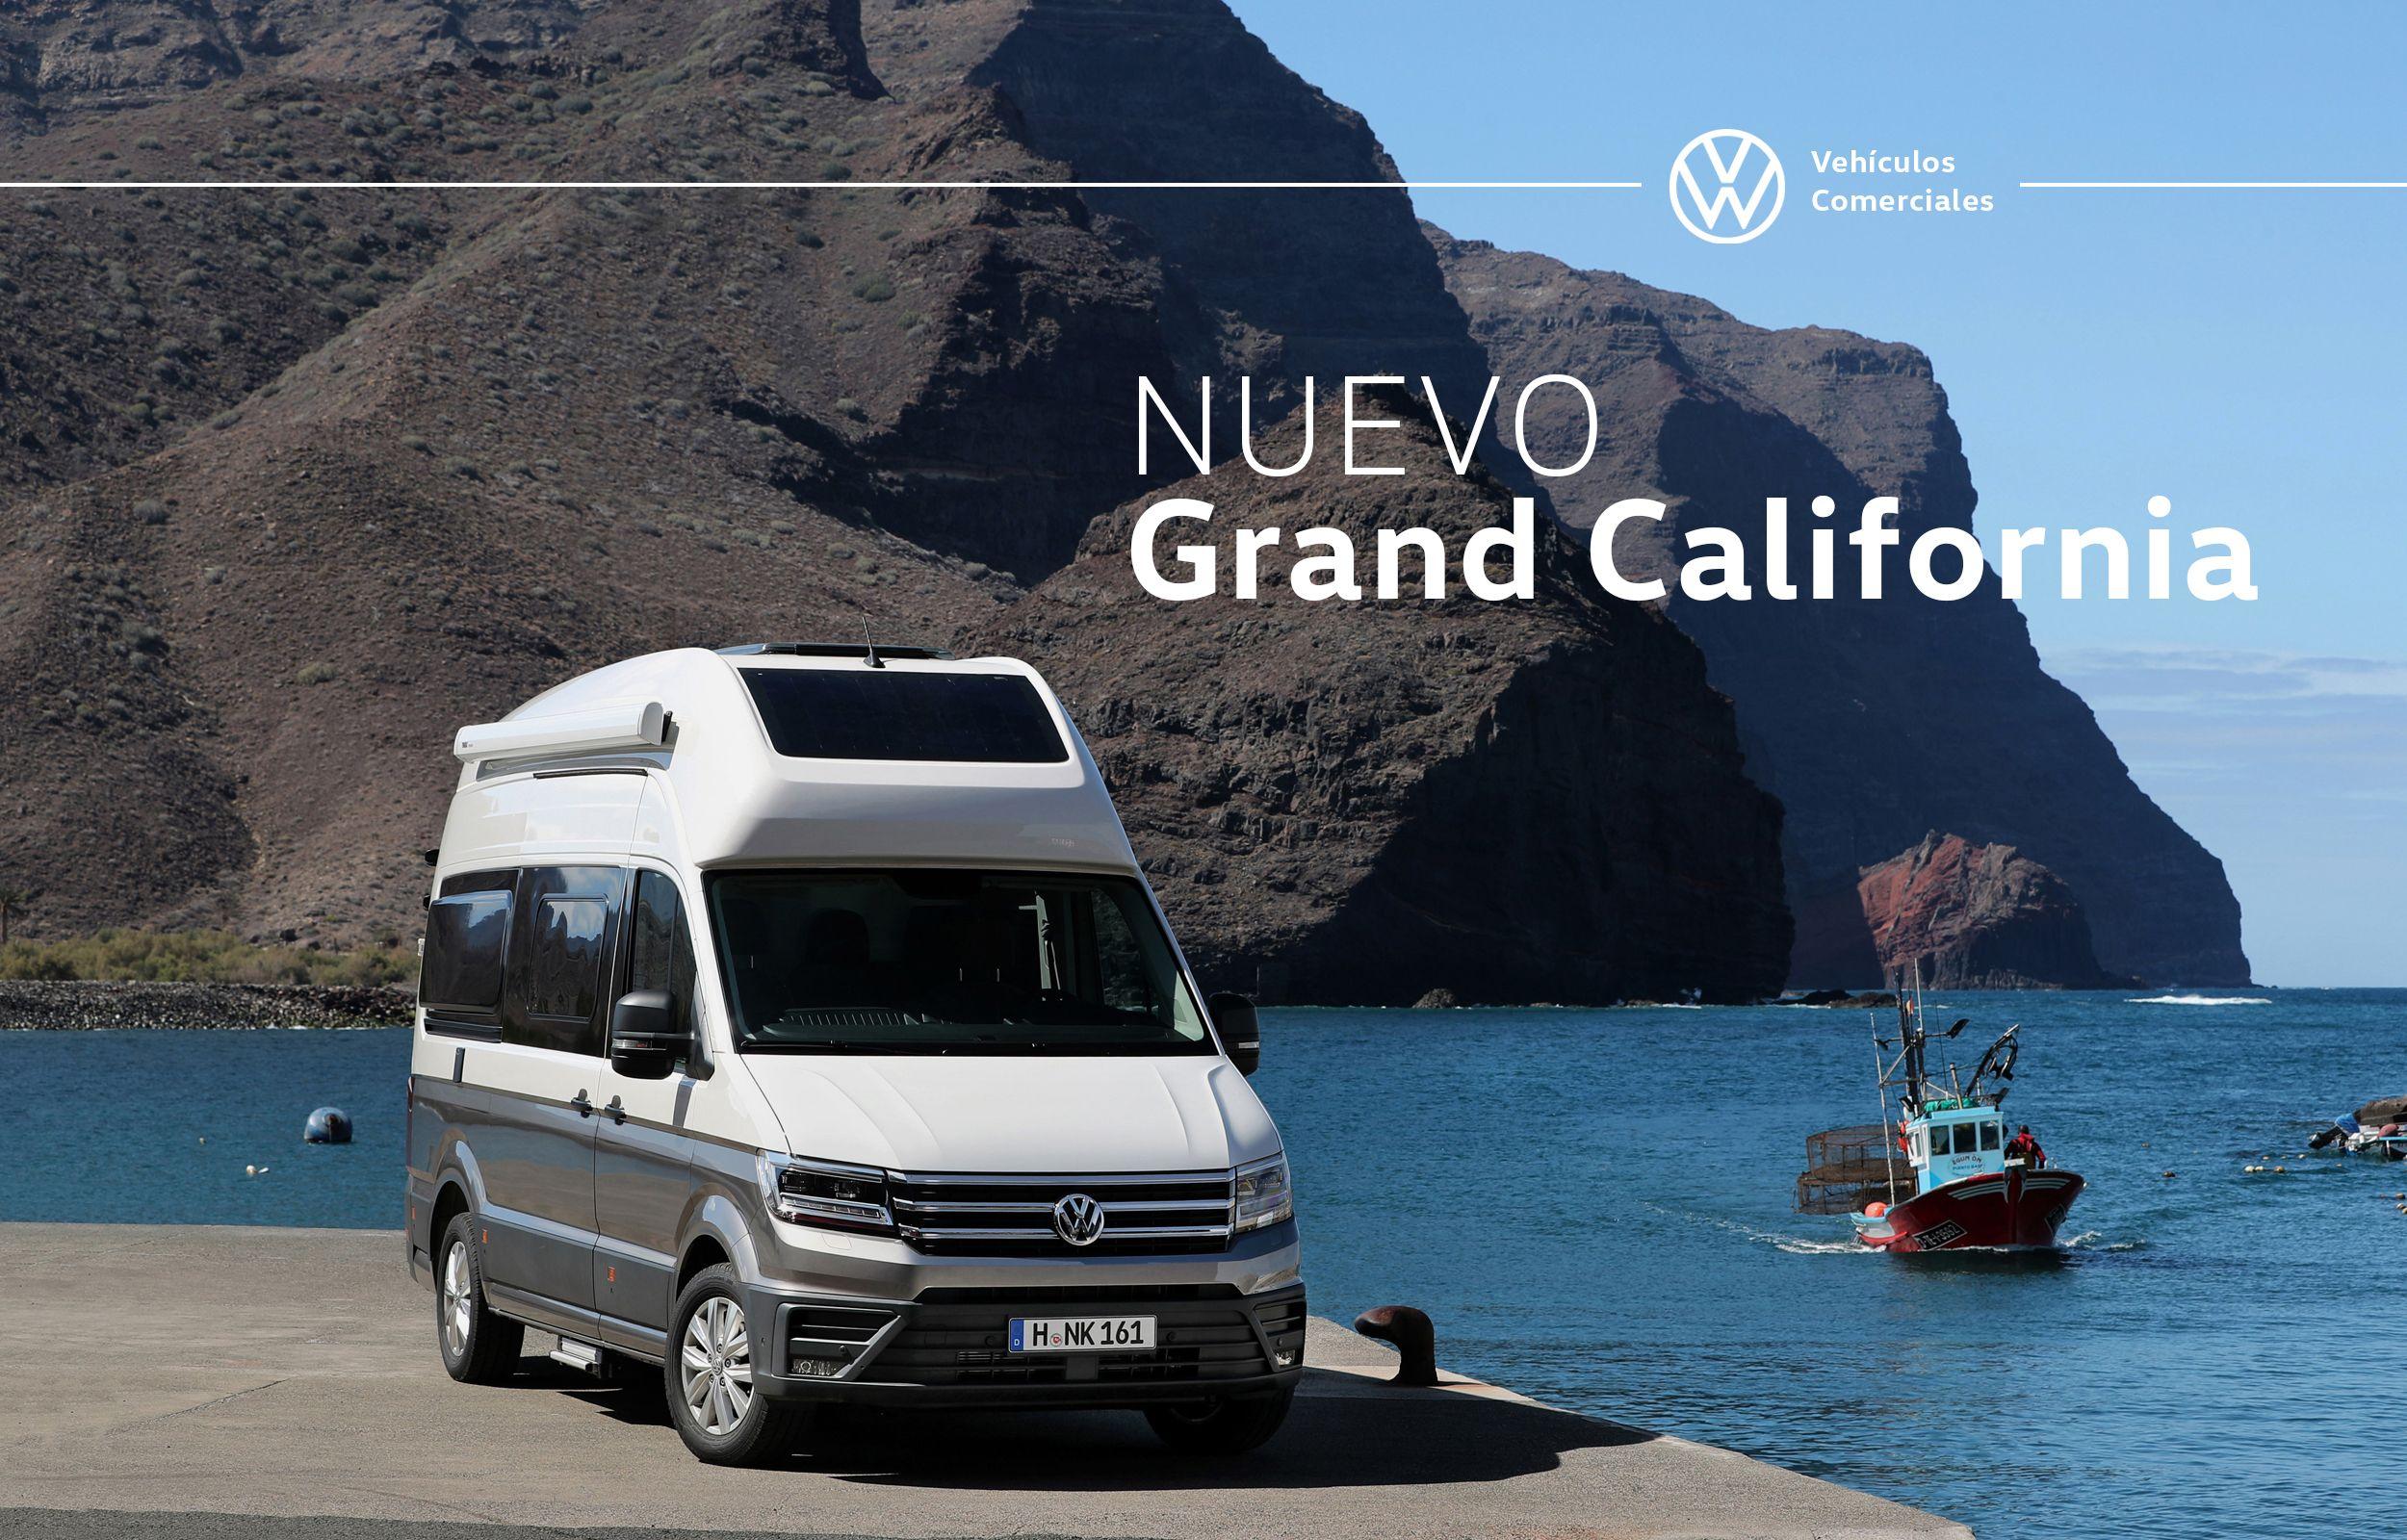 Nuevo Grand California